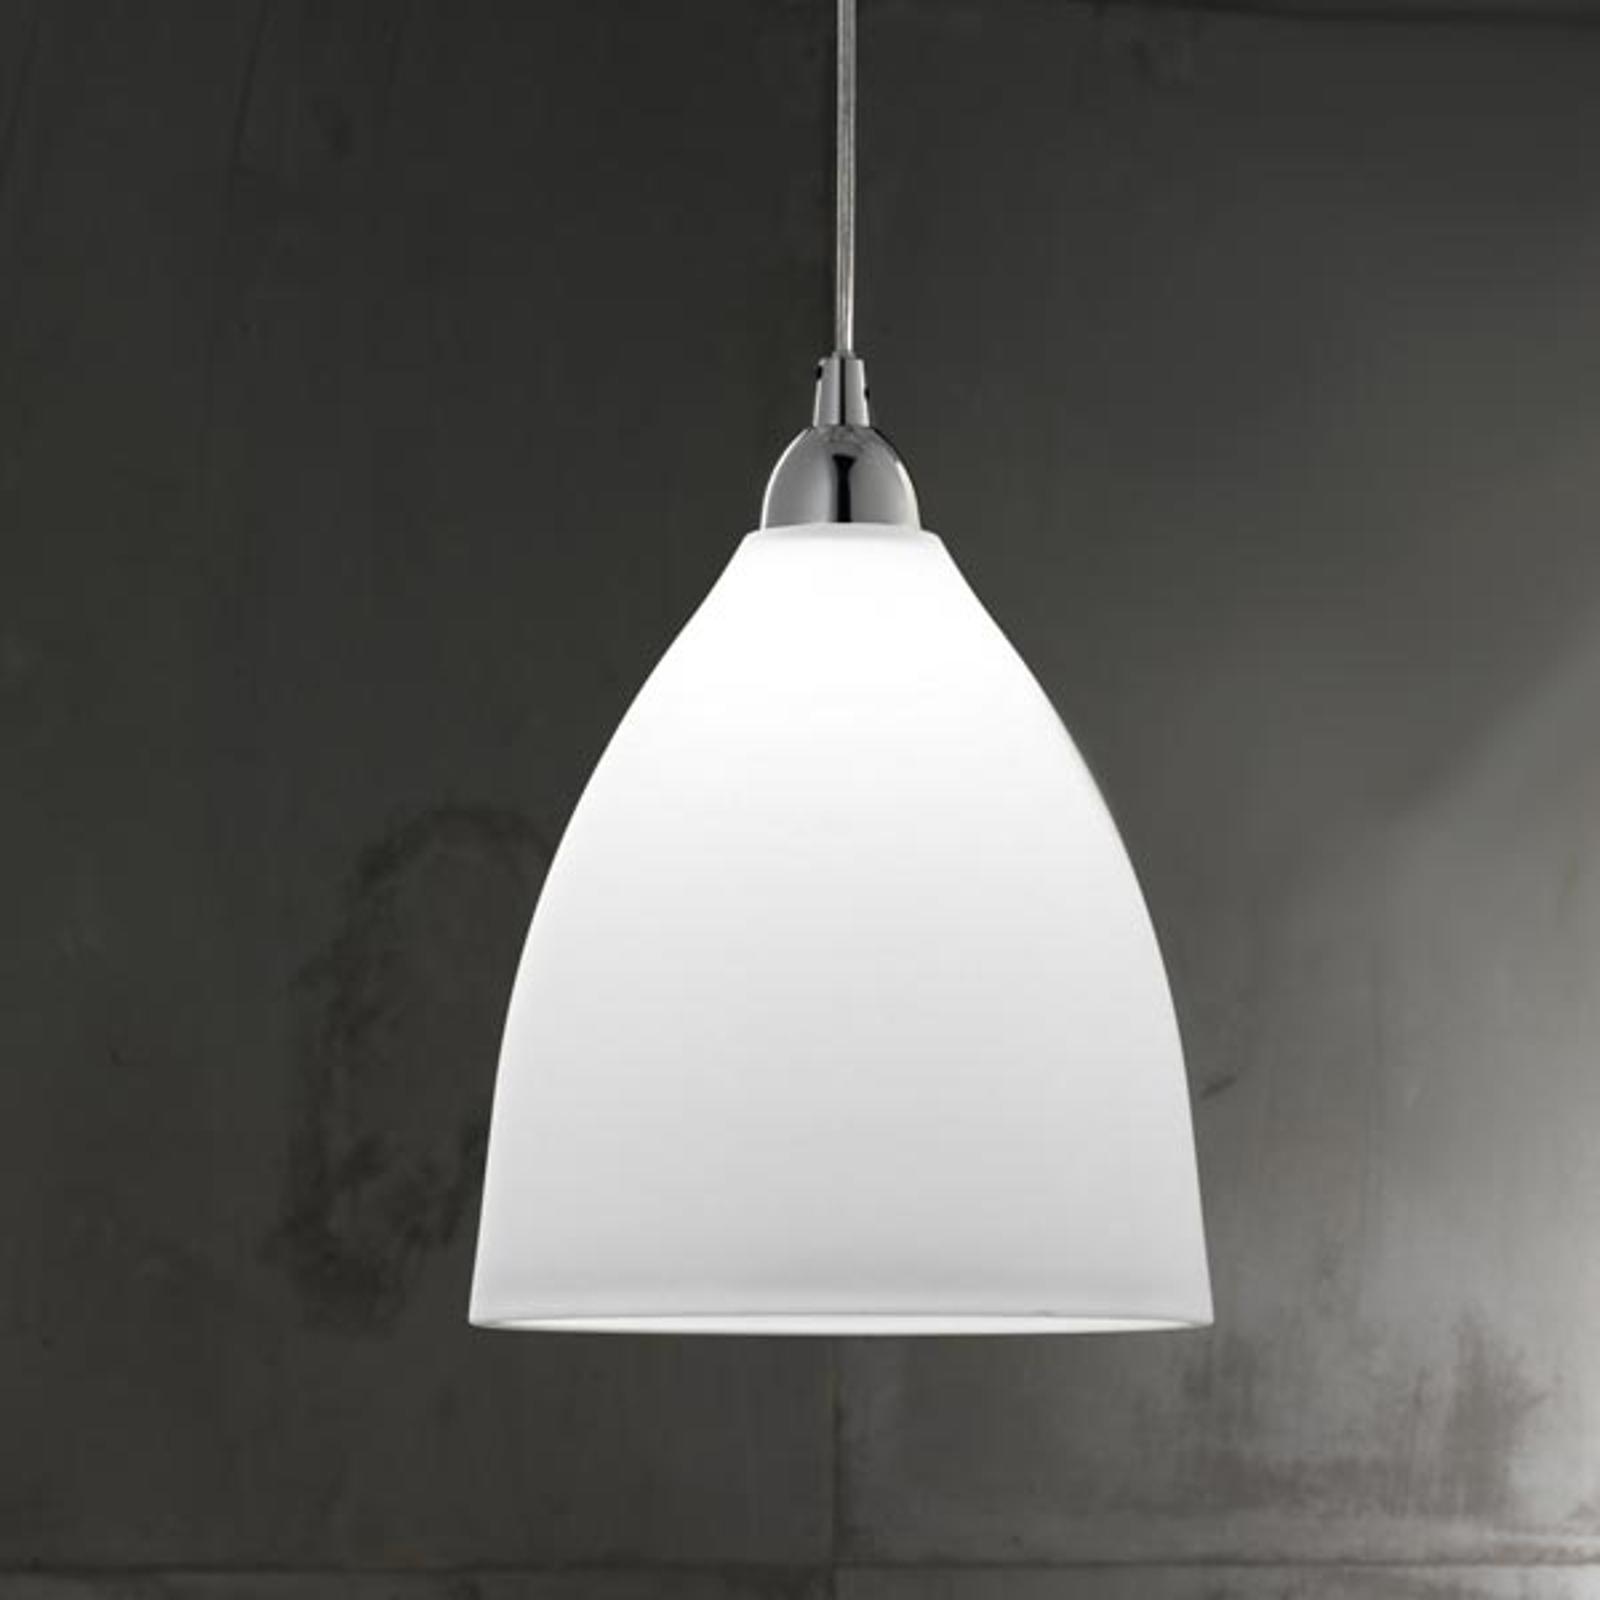 Lampada a sospensione in vetro PROVENZA 20 cm